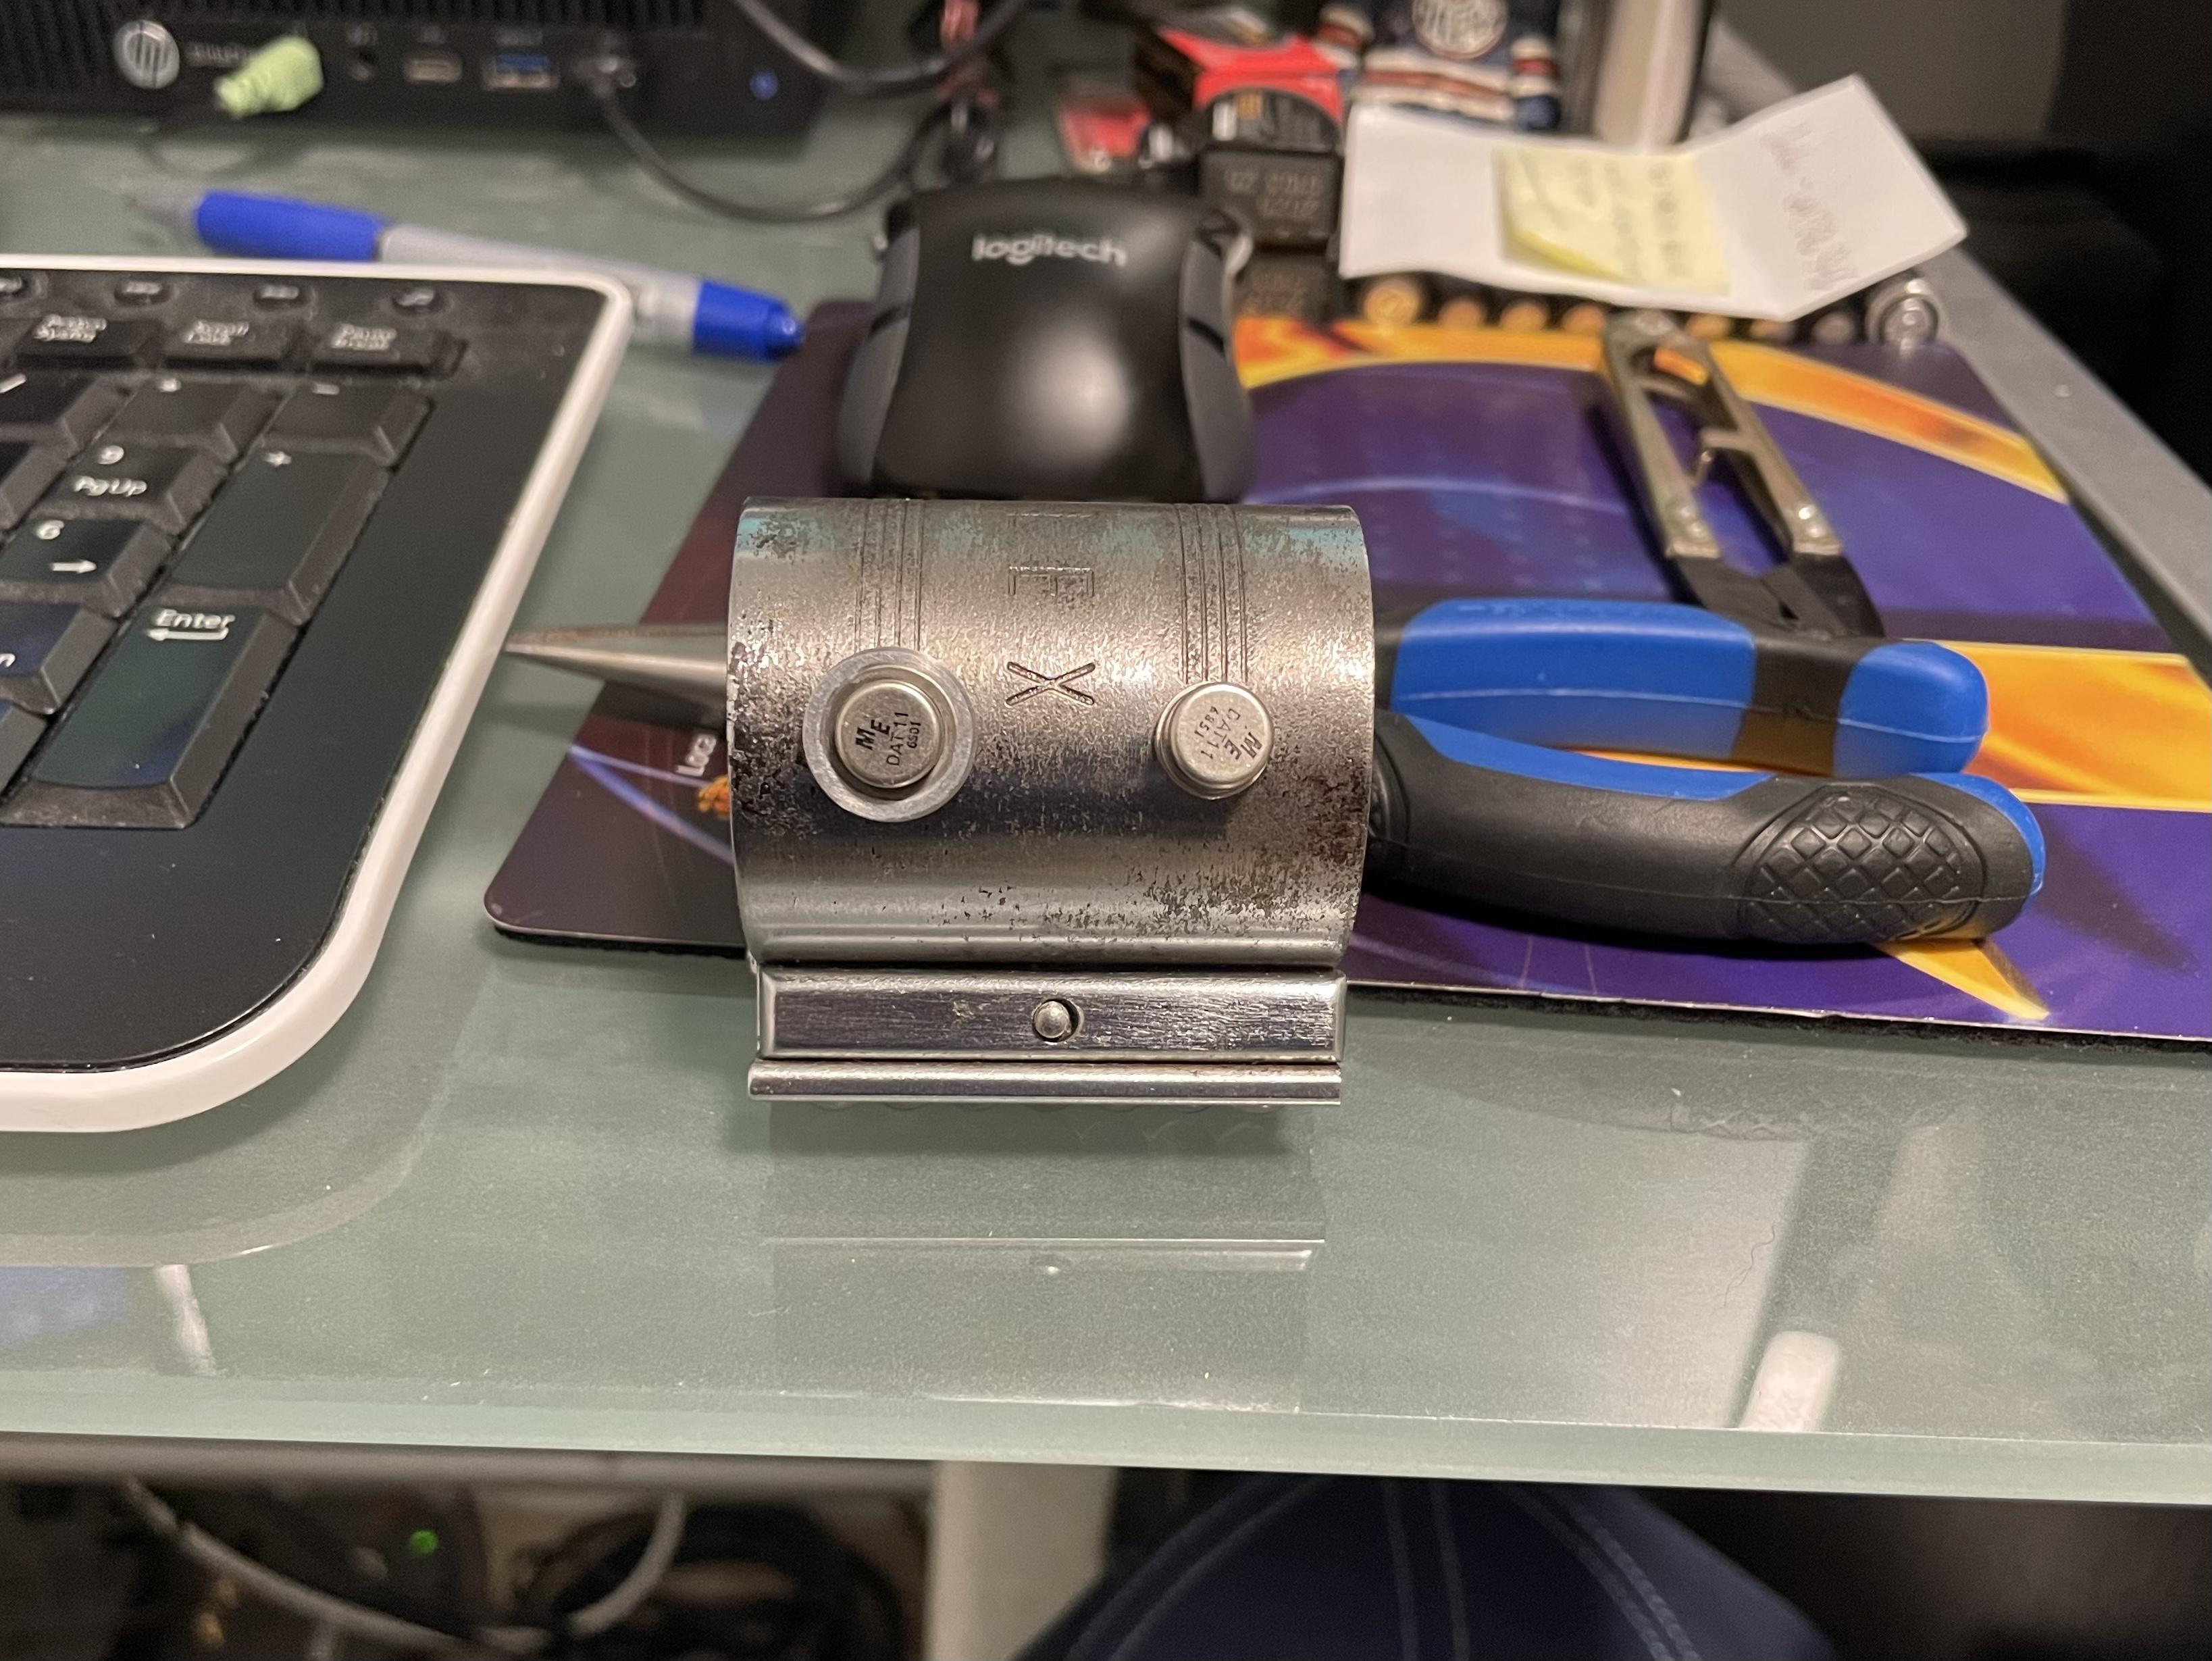 EC251650-98BE-4EAA-858A-DC006CE8033E.jpeg